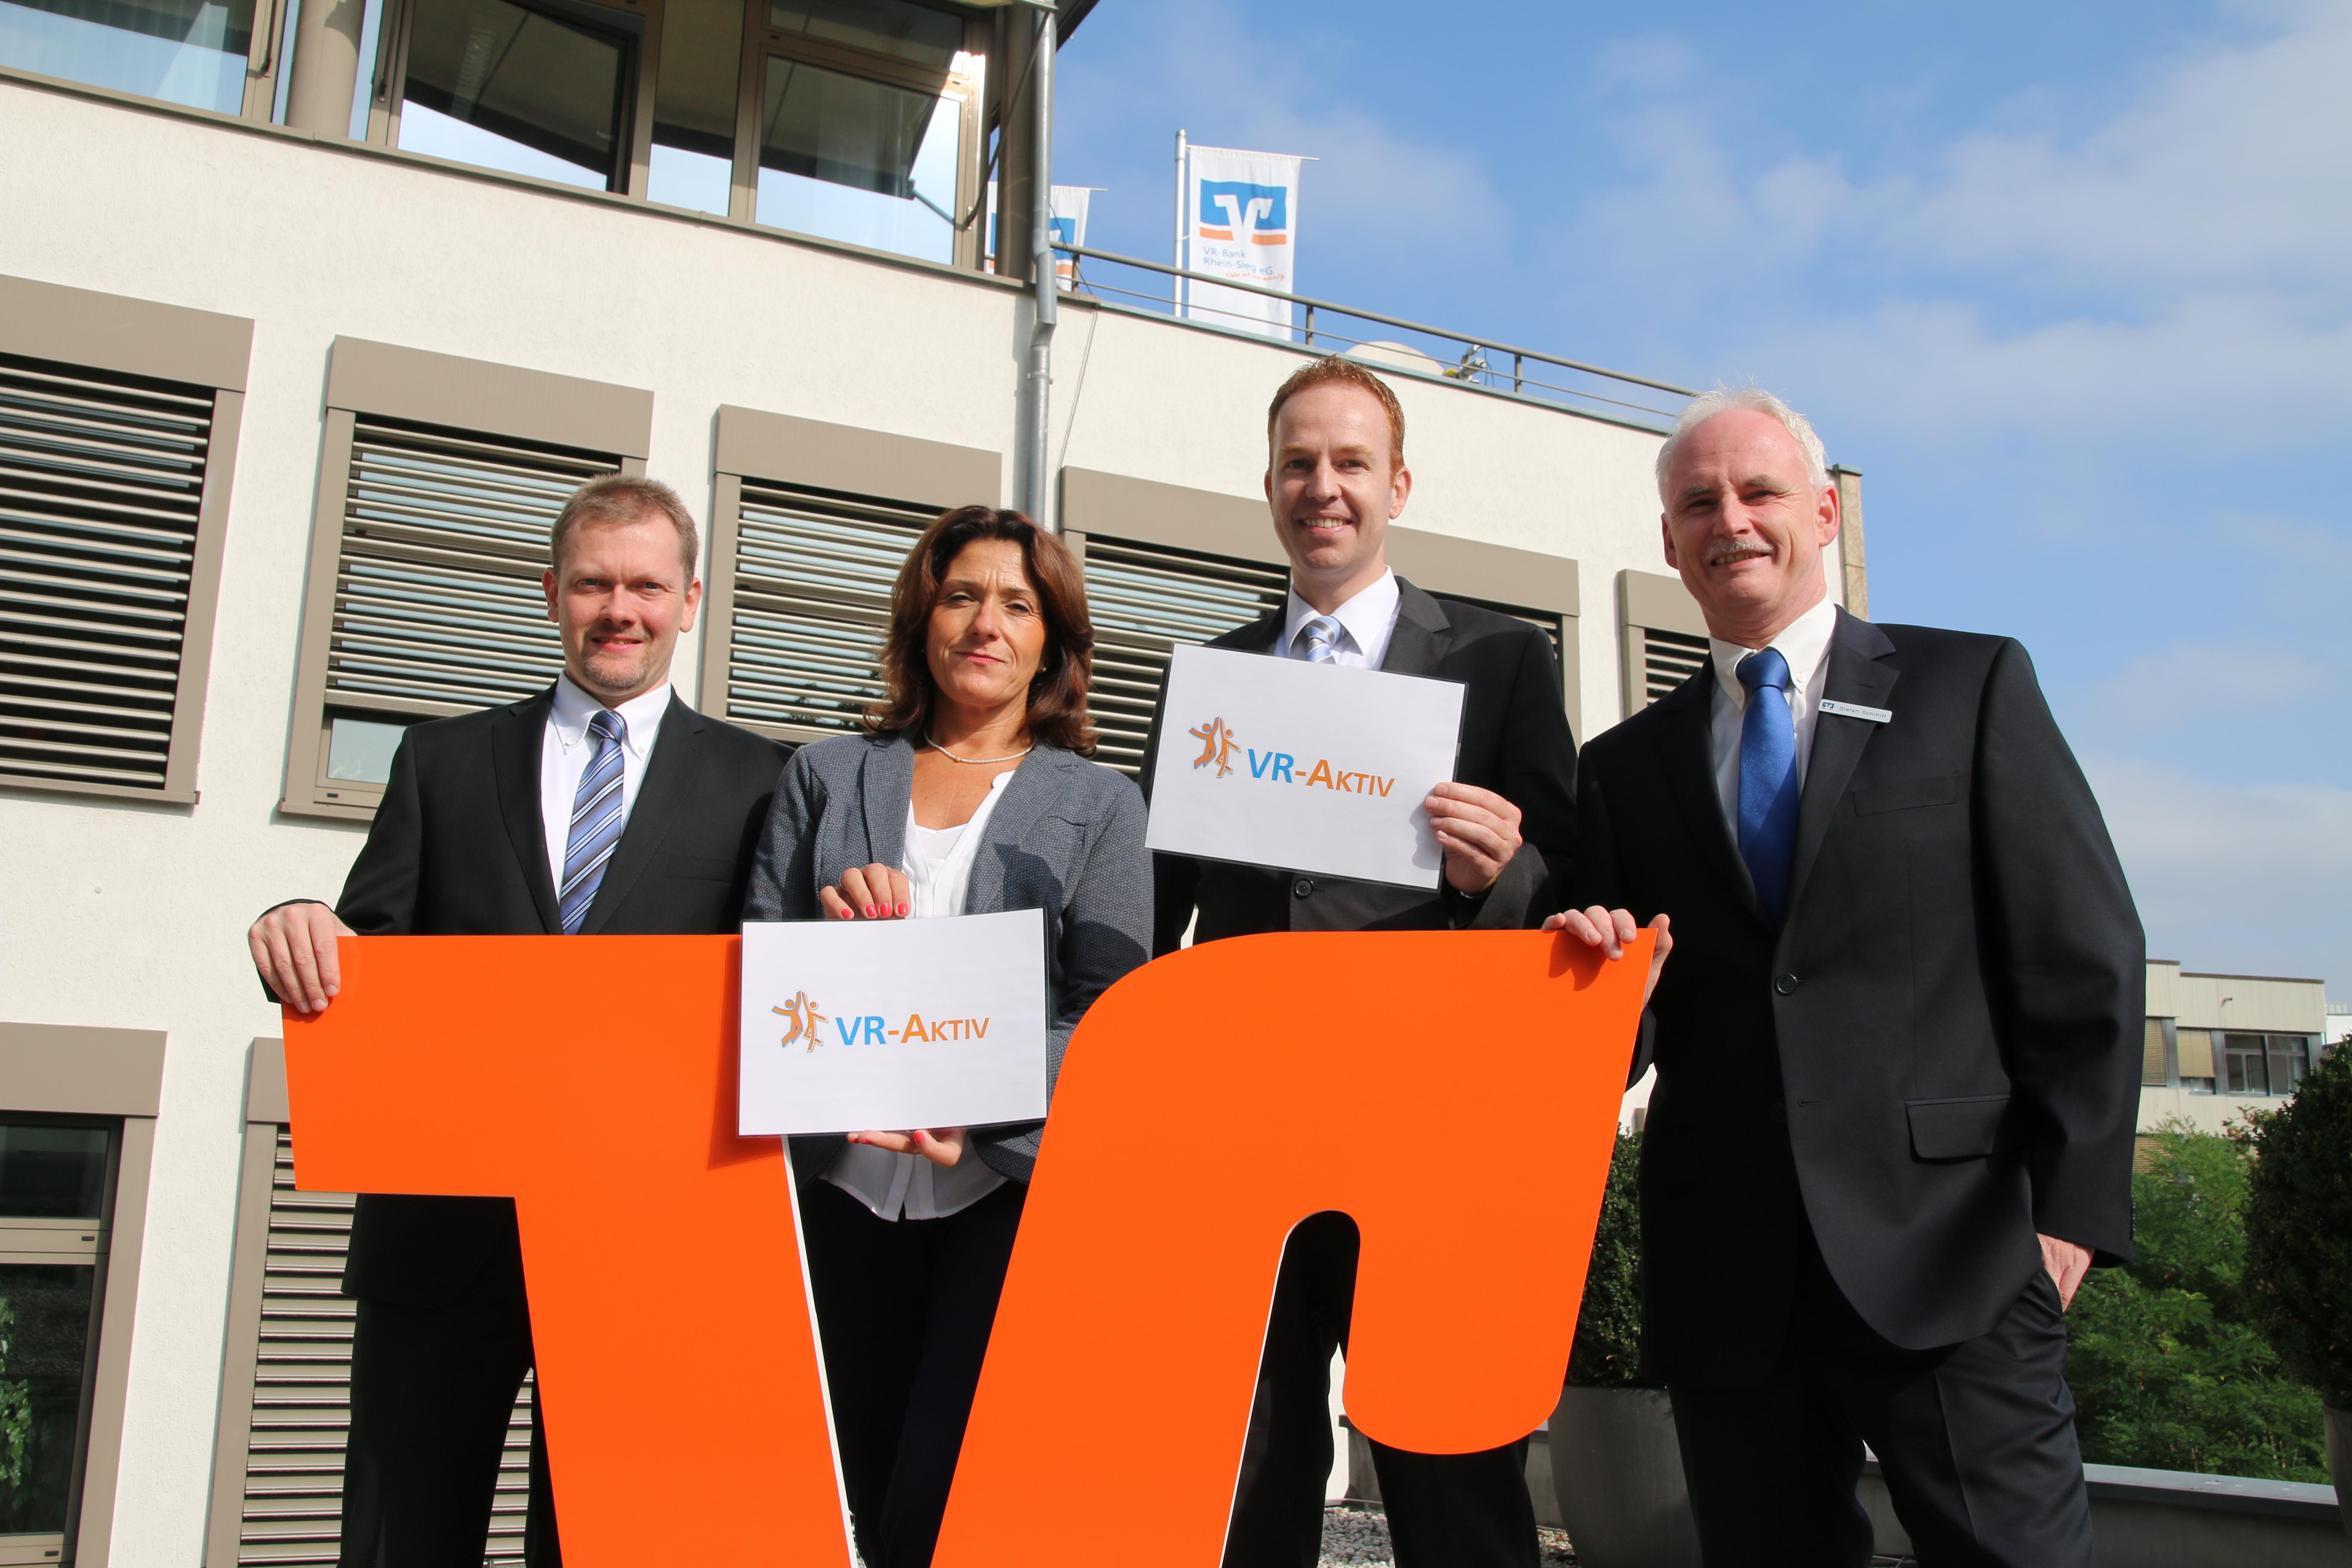 Fit In Den Herbst Vr Bank Rhein Sieg Bringt Mit Moove Mehr Gesundheit In Den Arbeitsalltag Gesundheit Adhoc